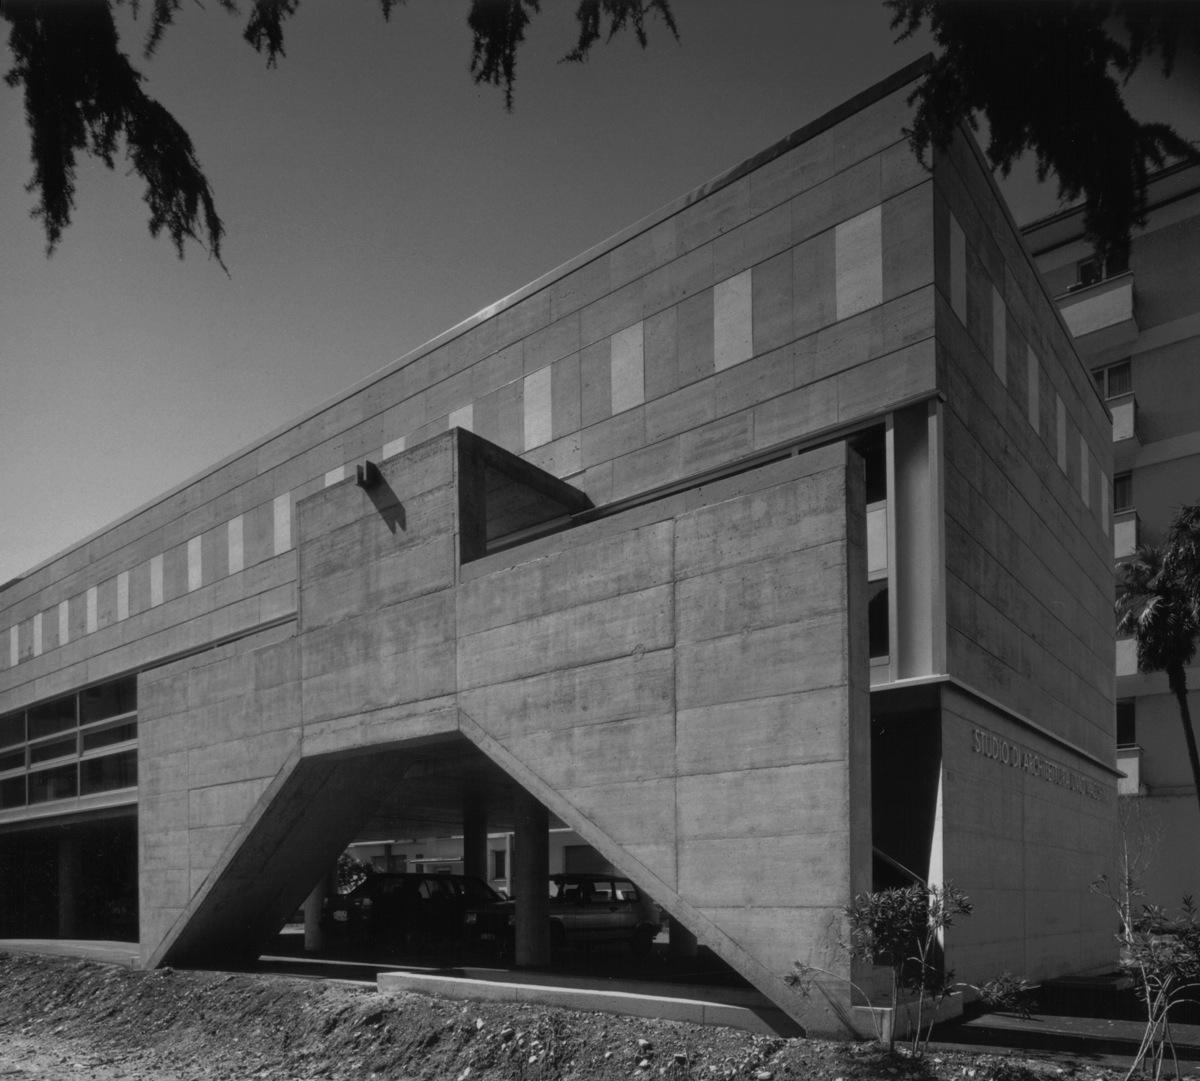 Studio di architettura vacchini locarno switzerland for Studi di architettura